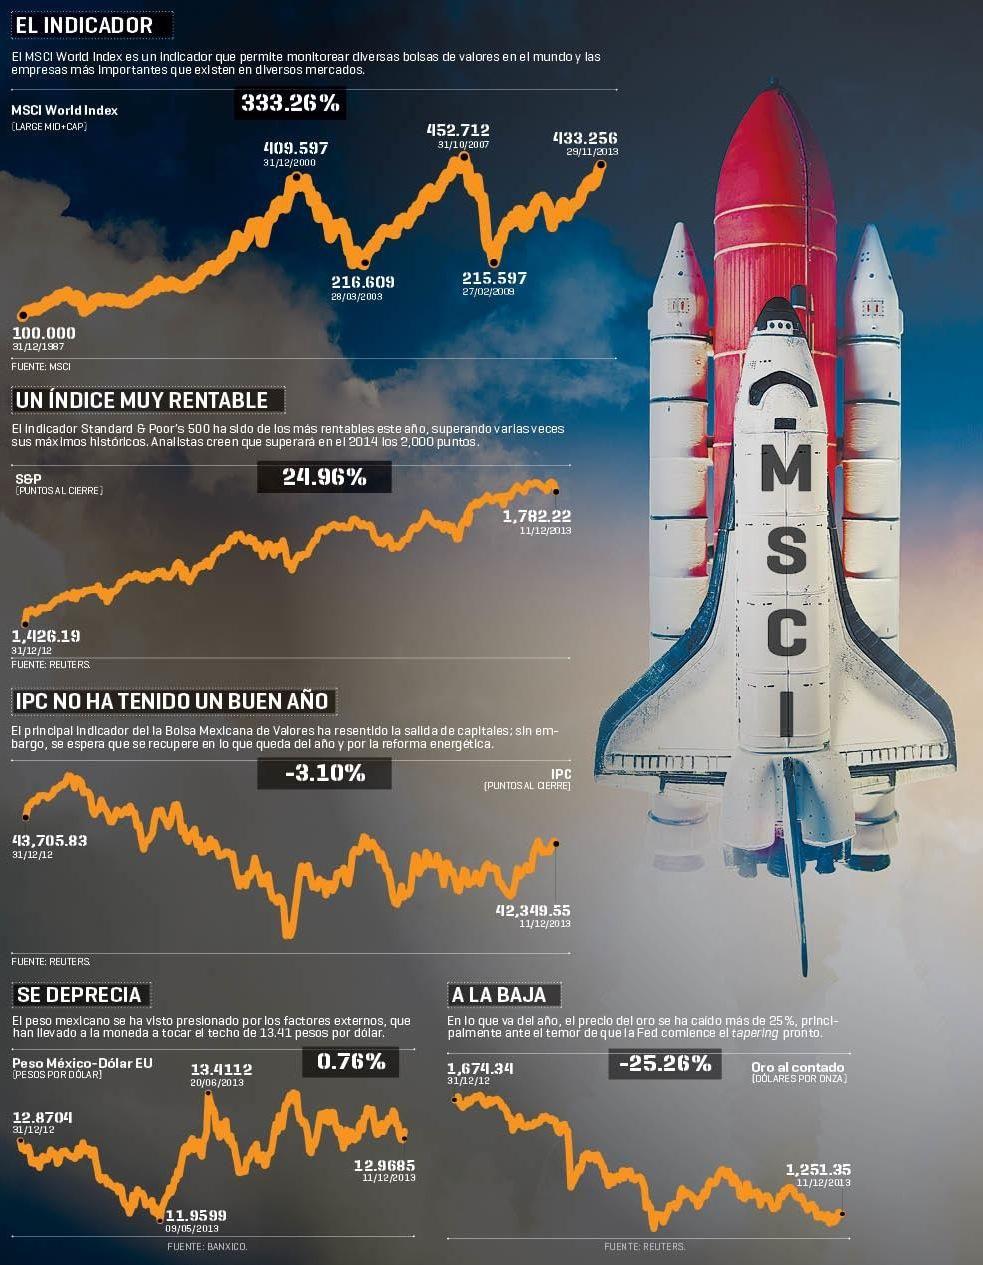 En 2014, EU liderará los mercados El Economista